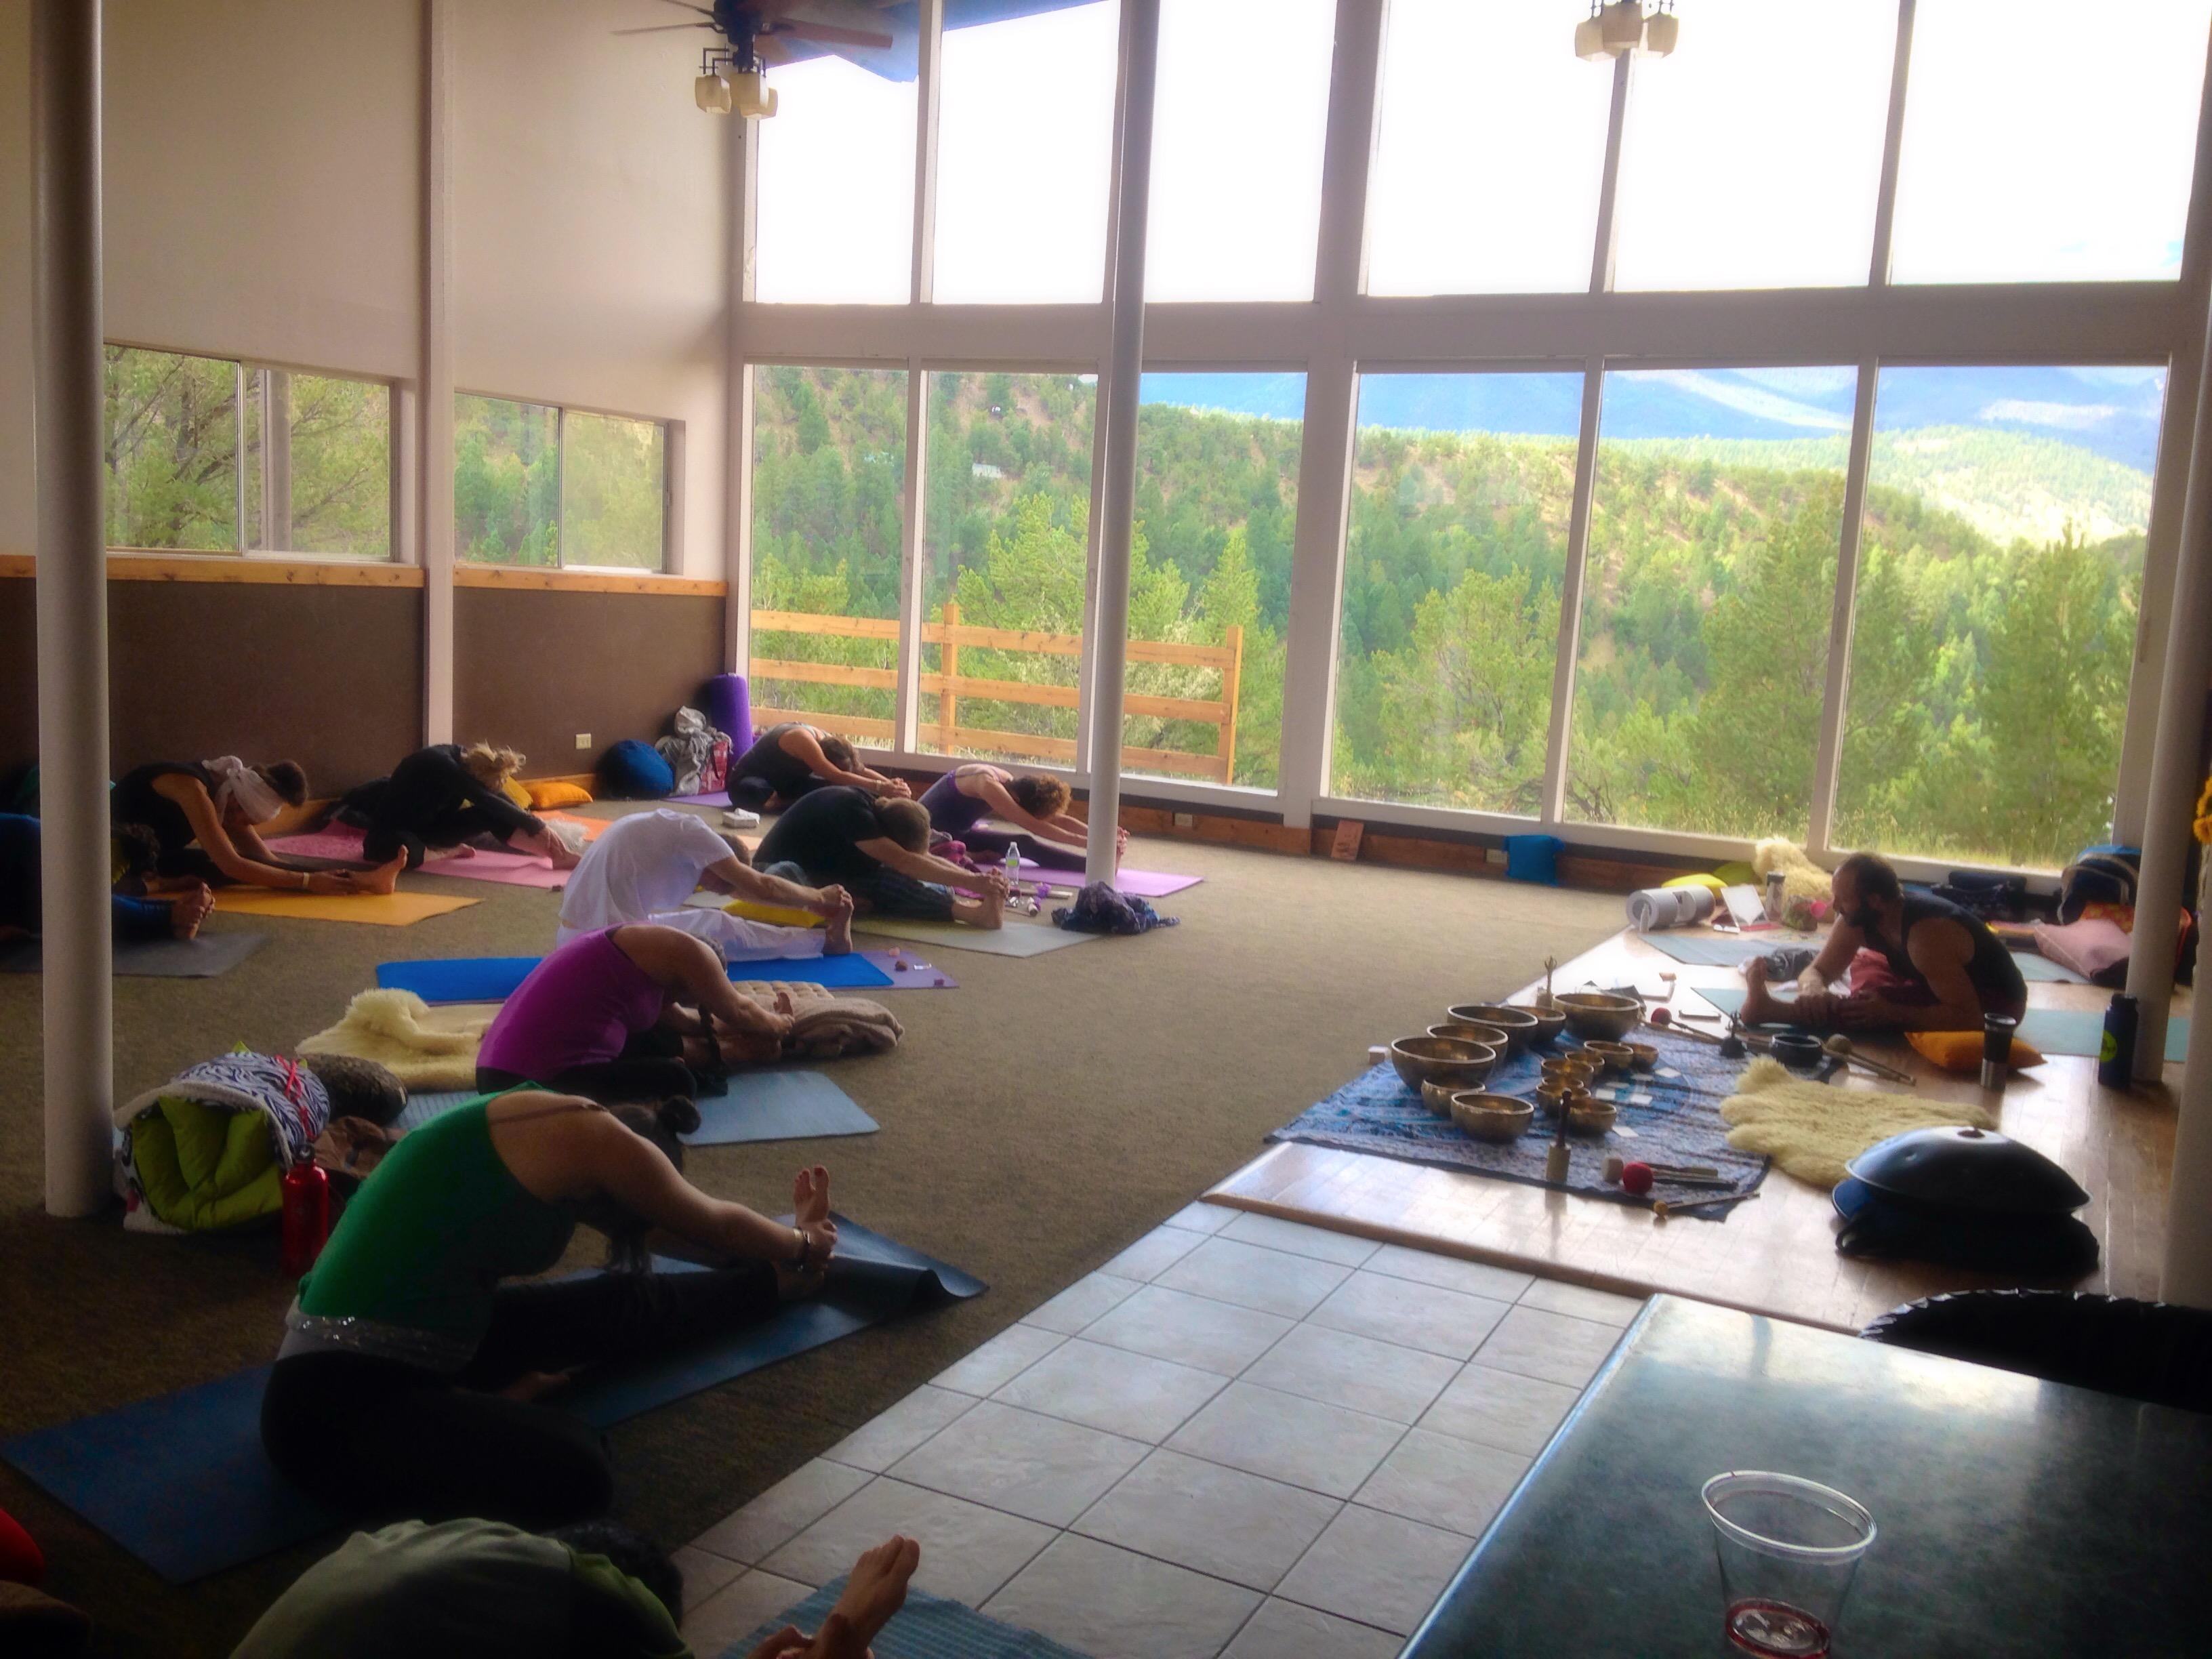 Princeton yoga